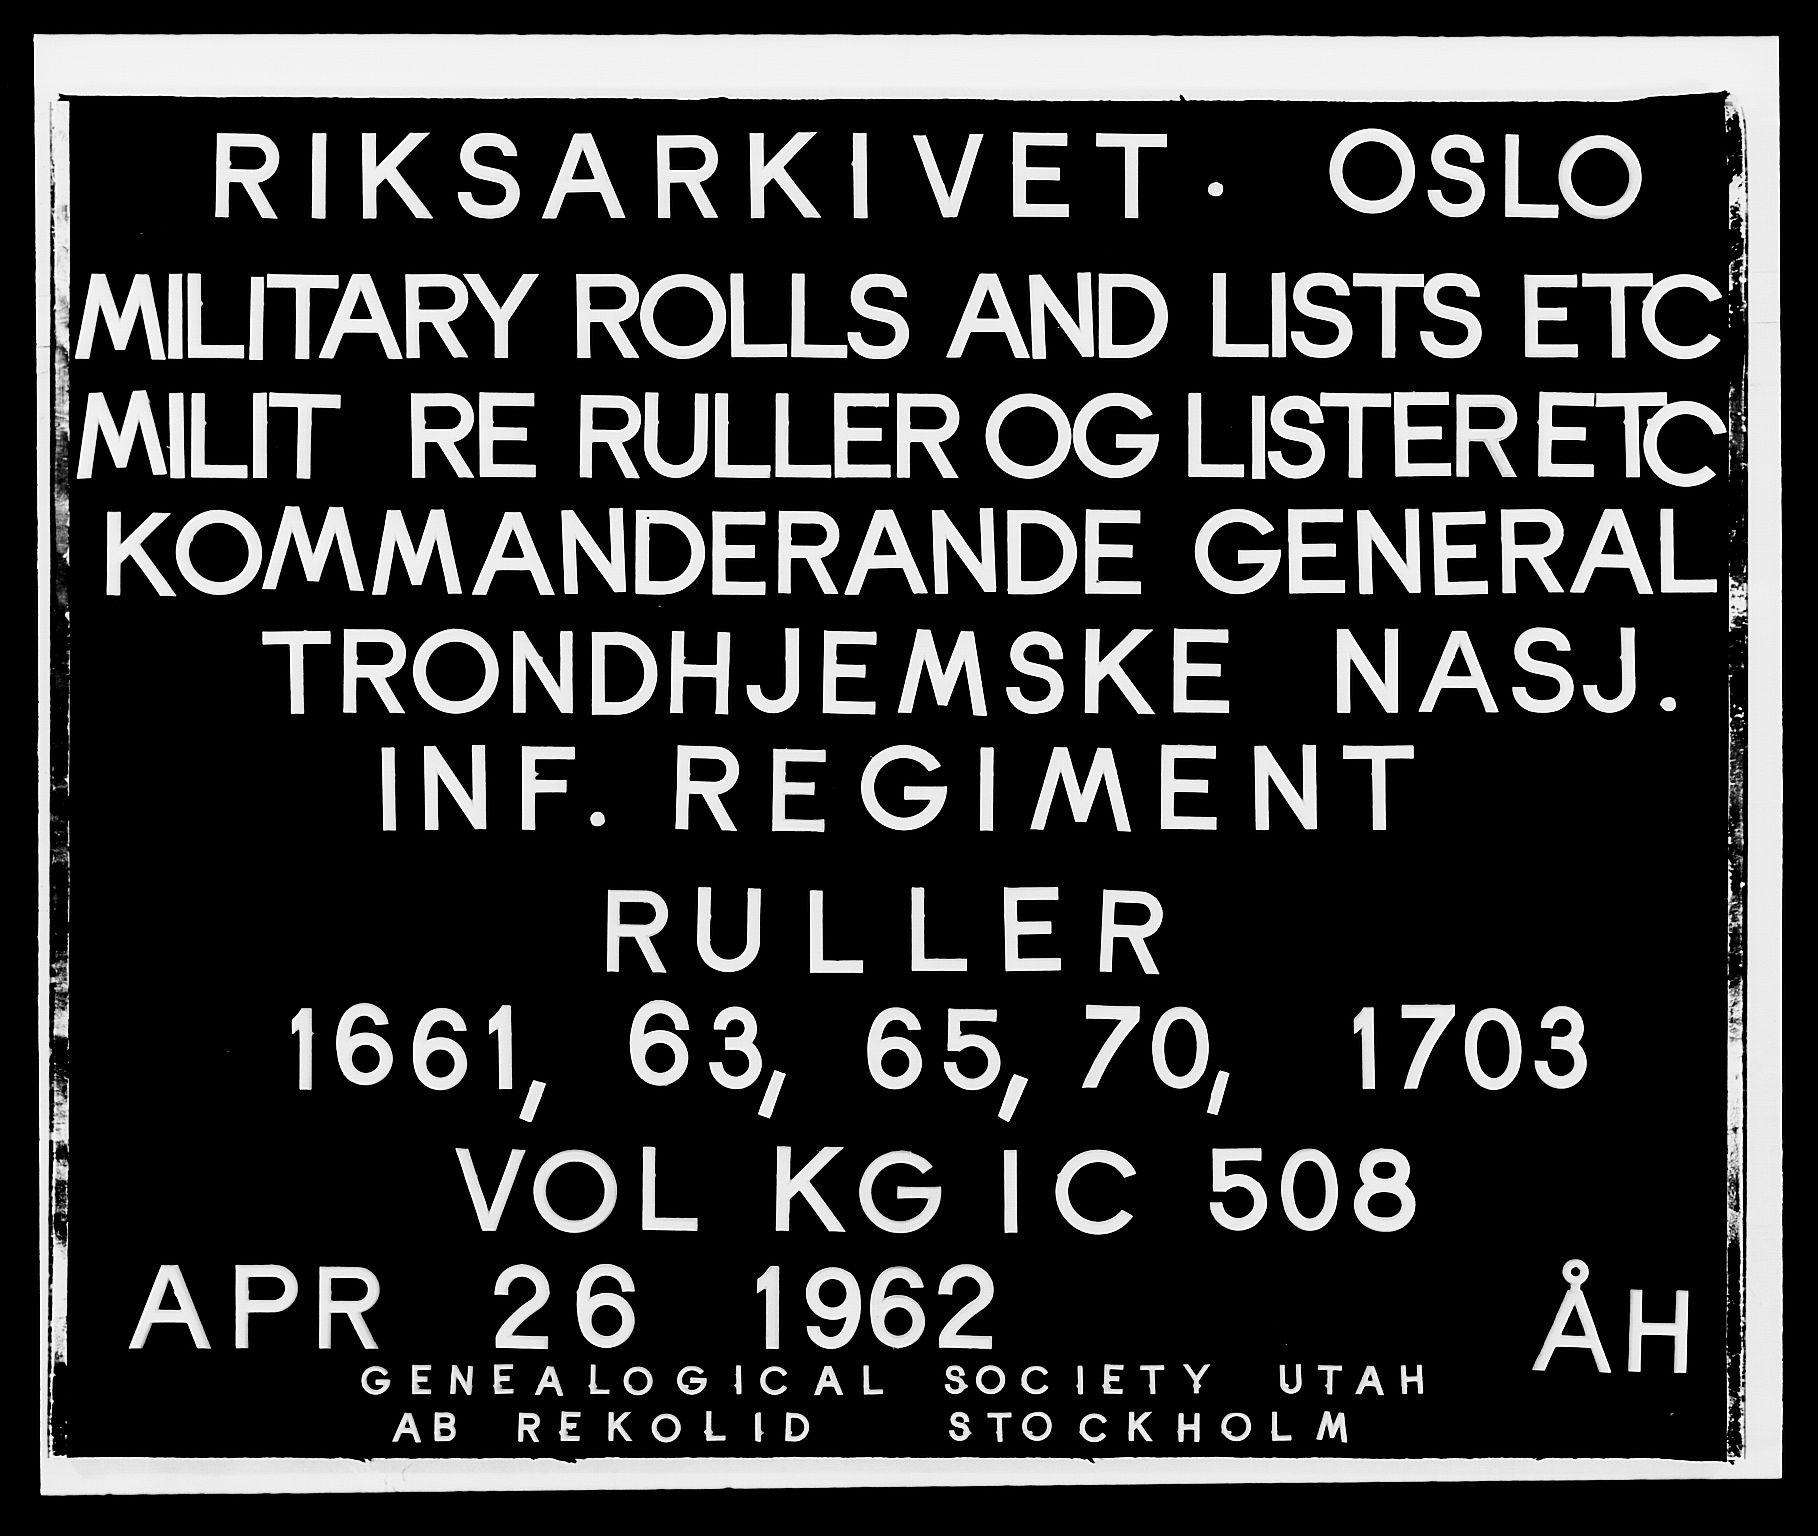 RA, Kommanderende general (KG I) med Det norske krigsdirektorium, E/Ea/L0508: Trondheimske regiment, 1659-1703, s. 1